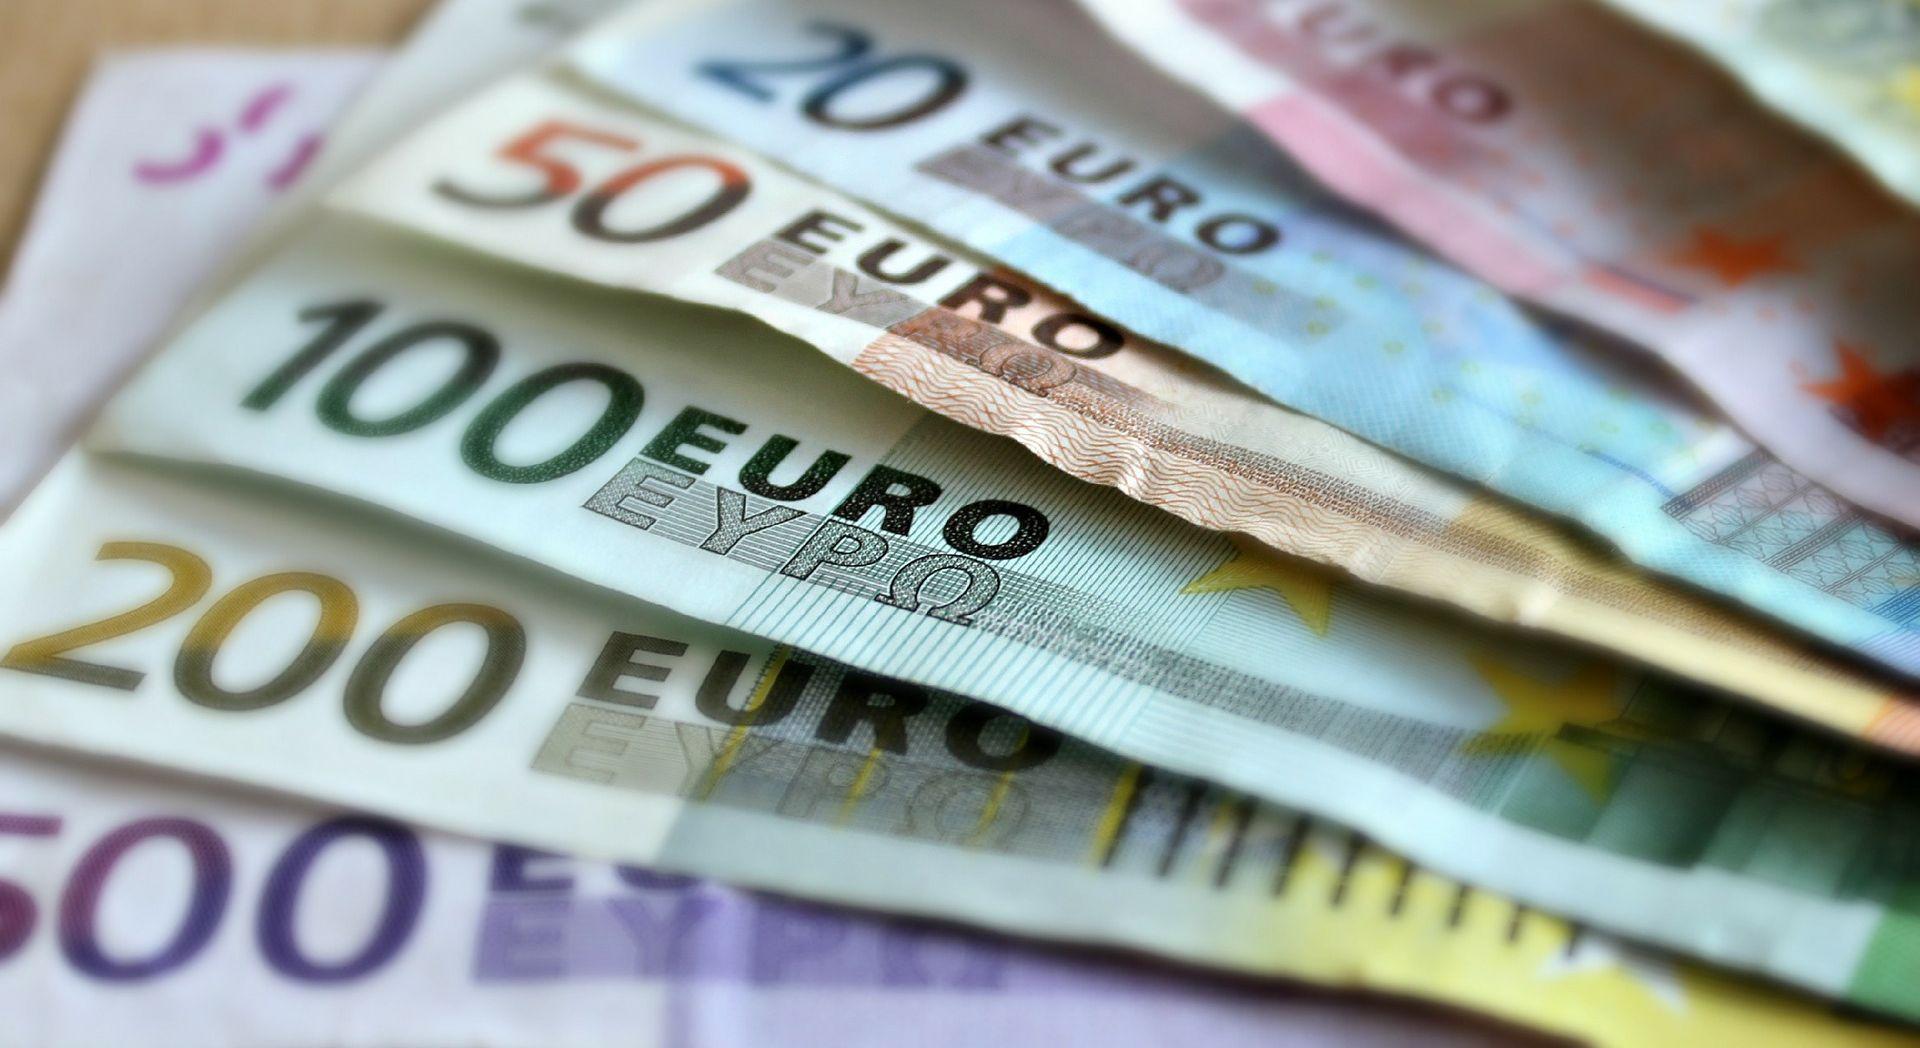 Potvrđena prva pravomoćna presuda za kredit u eurima